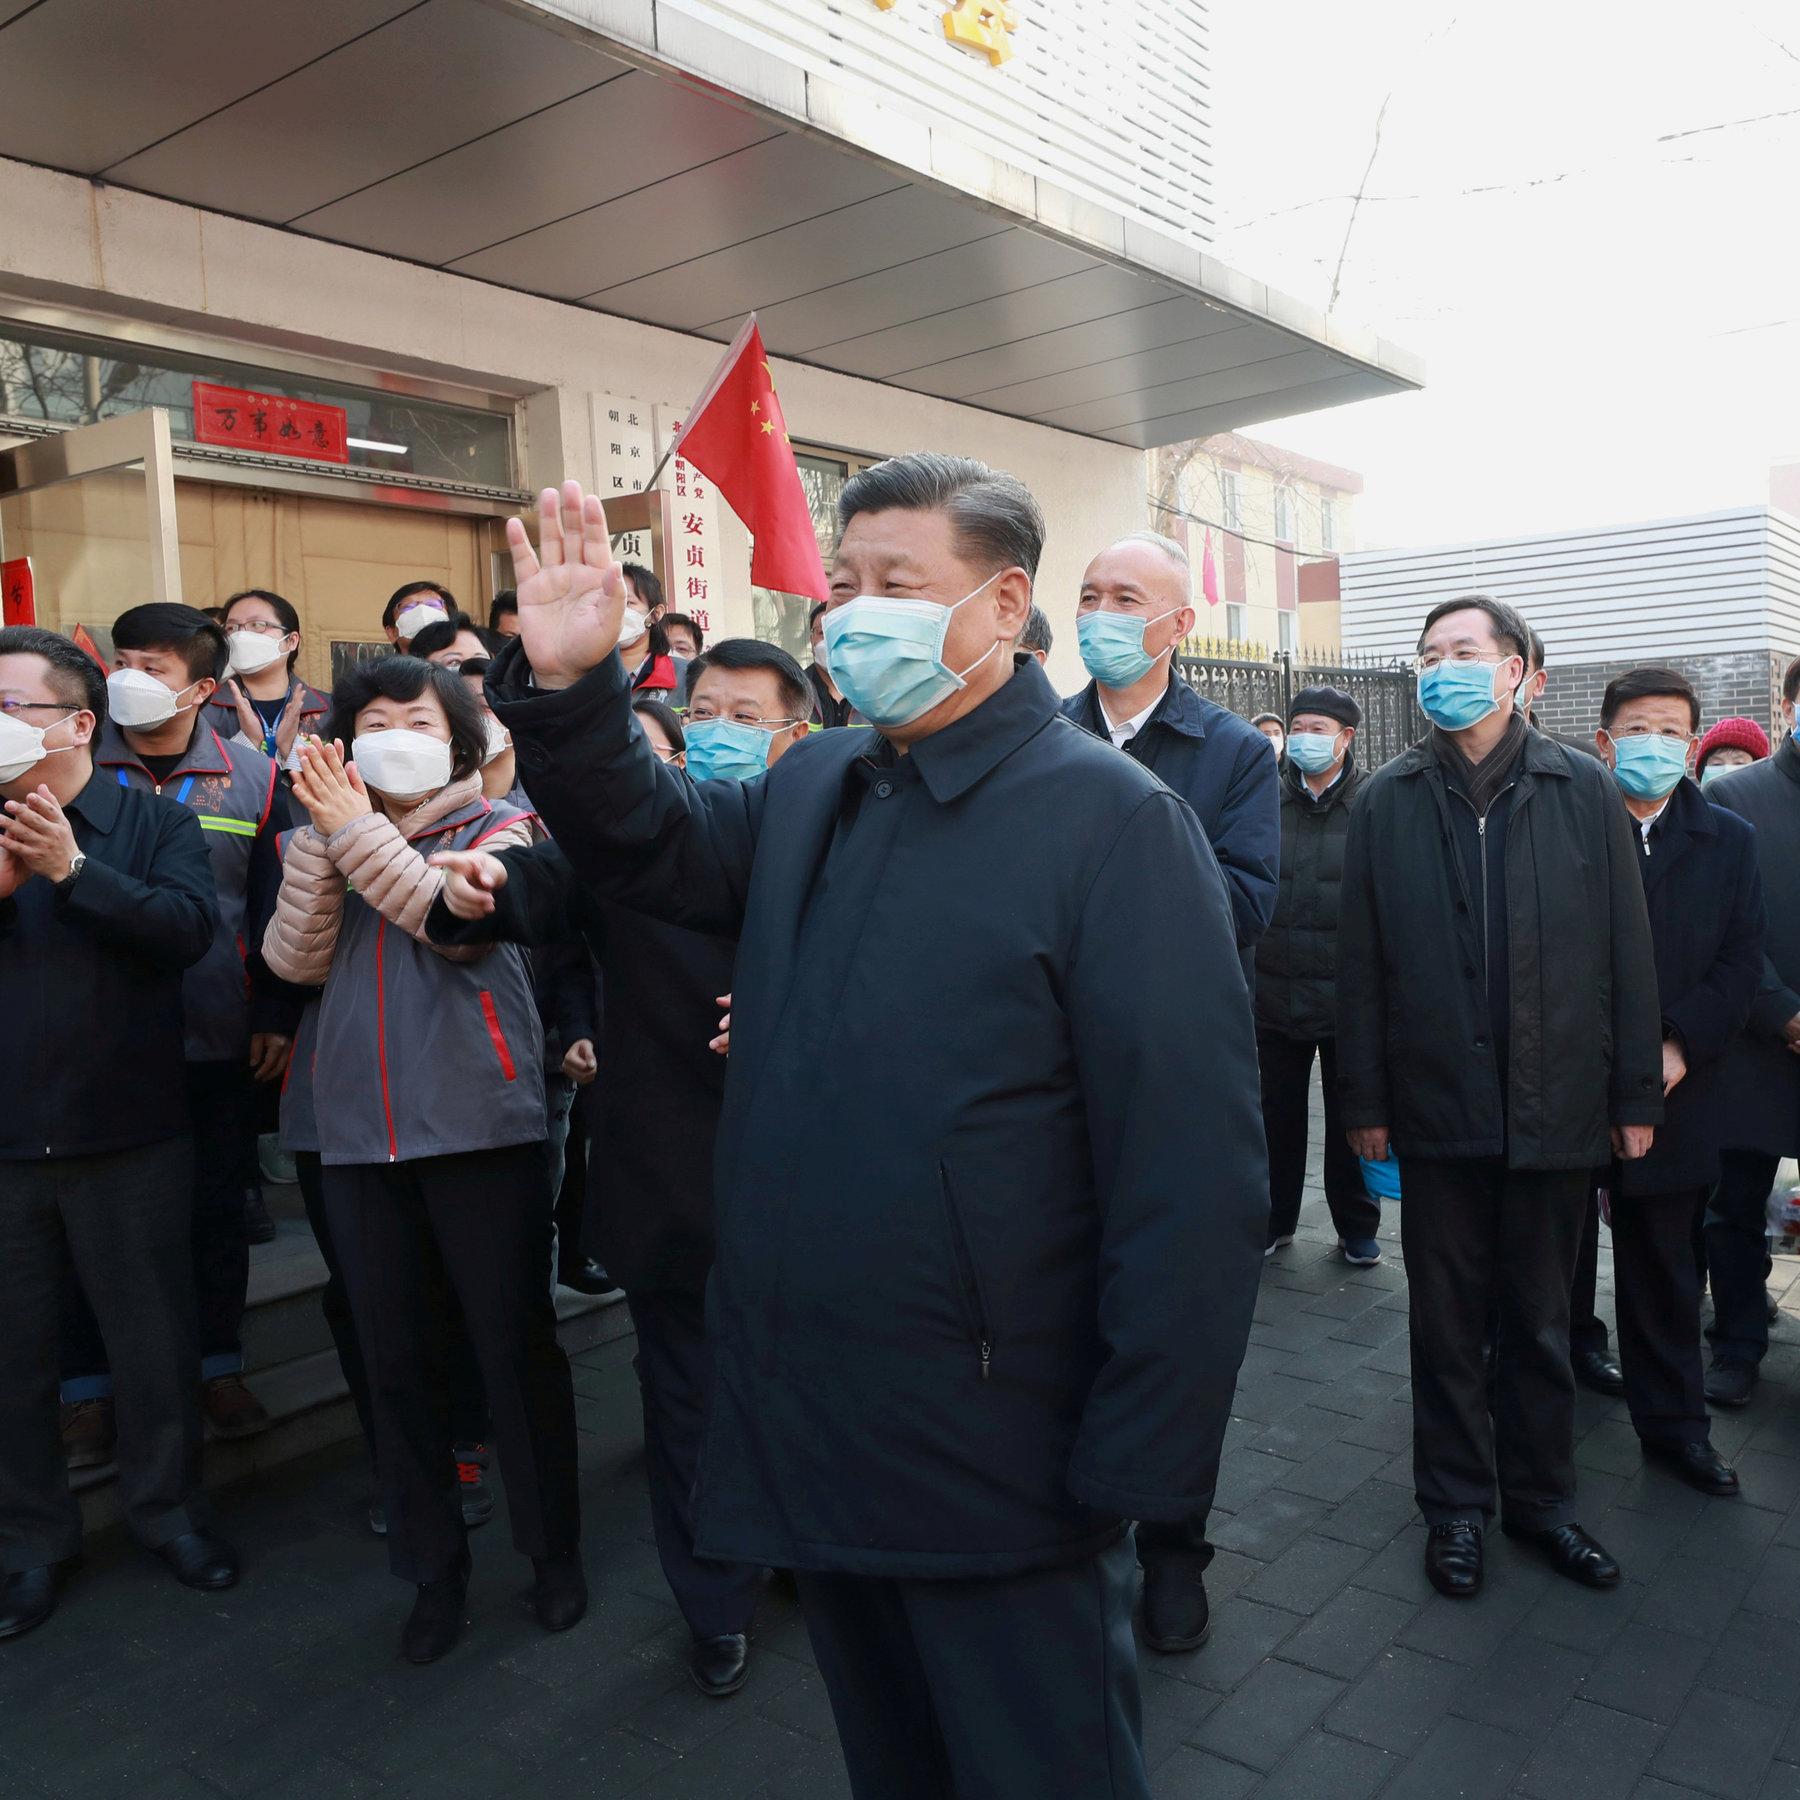 China Spins Coronavirus Crisis, Hailing Itself as a Global Leader ...